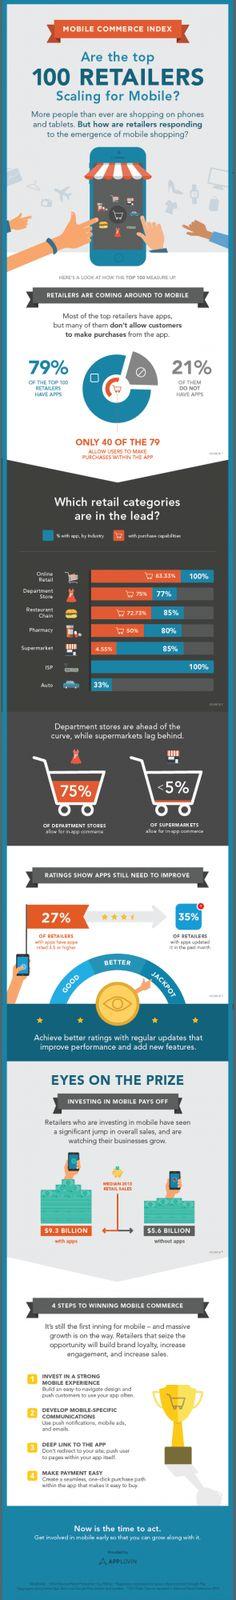 Auf #Mobile Commerce zu verzichten, heißt Umsatz einzubüßen. Die Infografik von AppLovin erklärt, warum. Und hat dabei den Fokus auf #Apps. #mcommerce